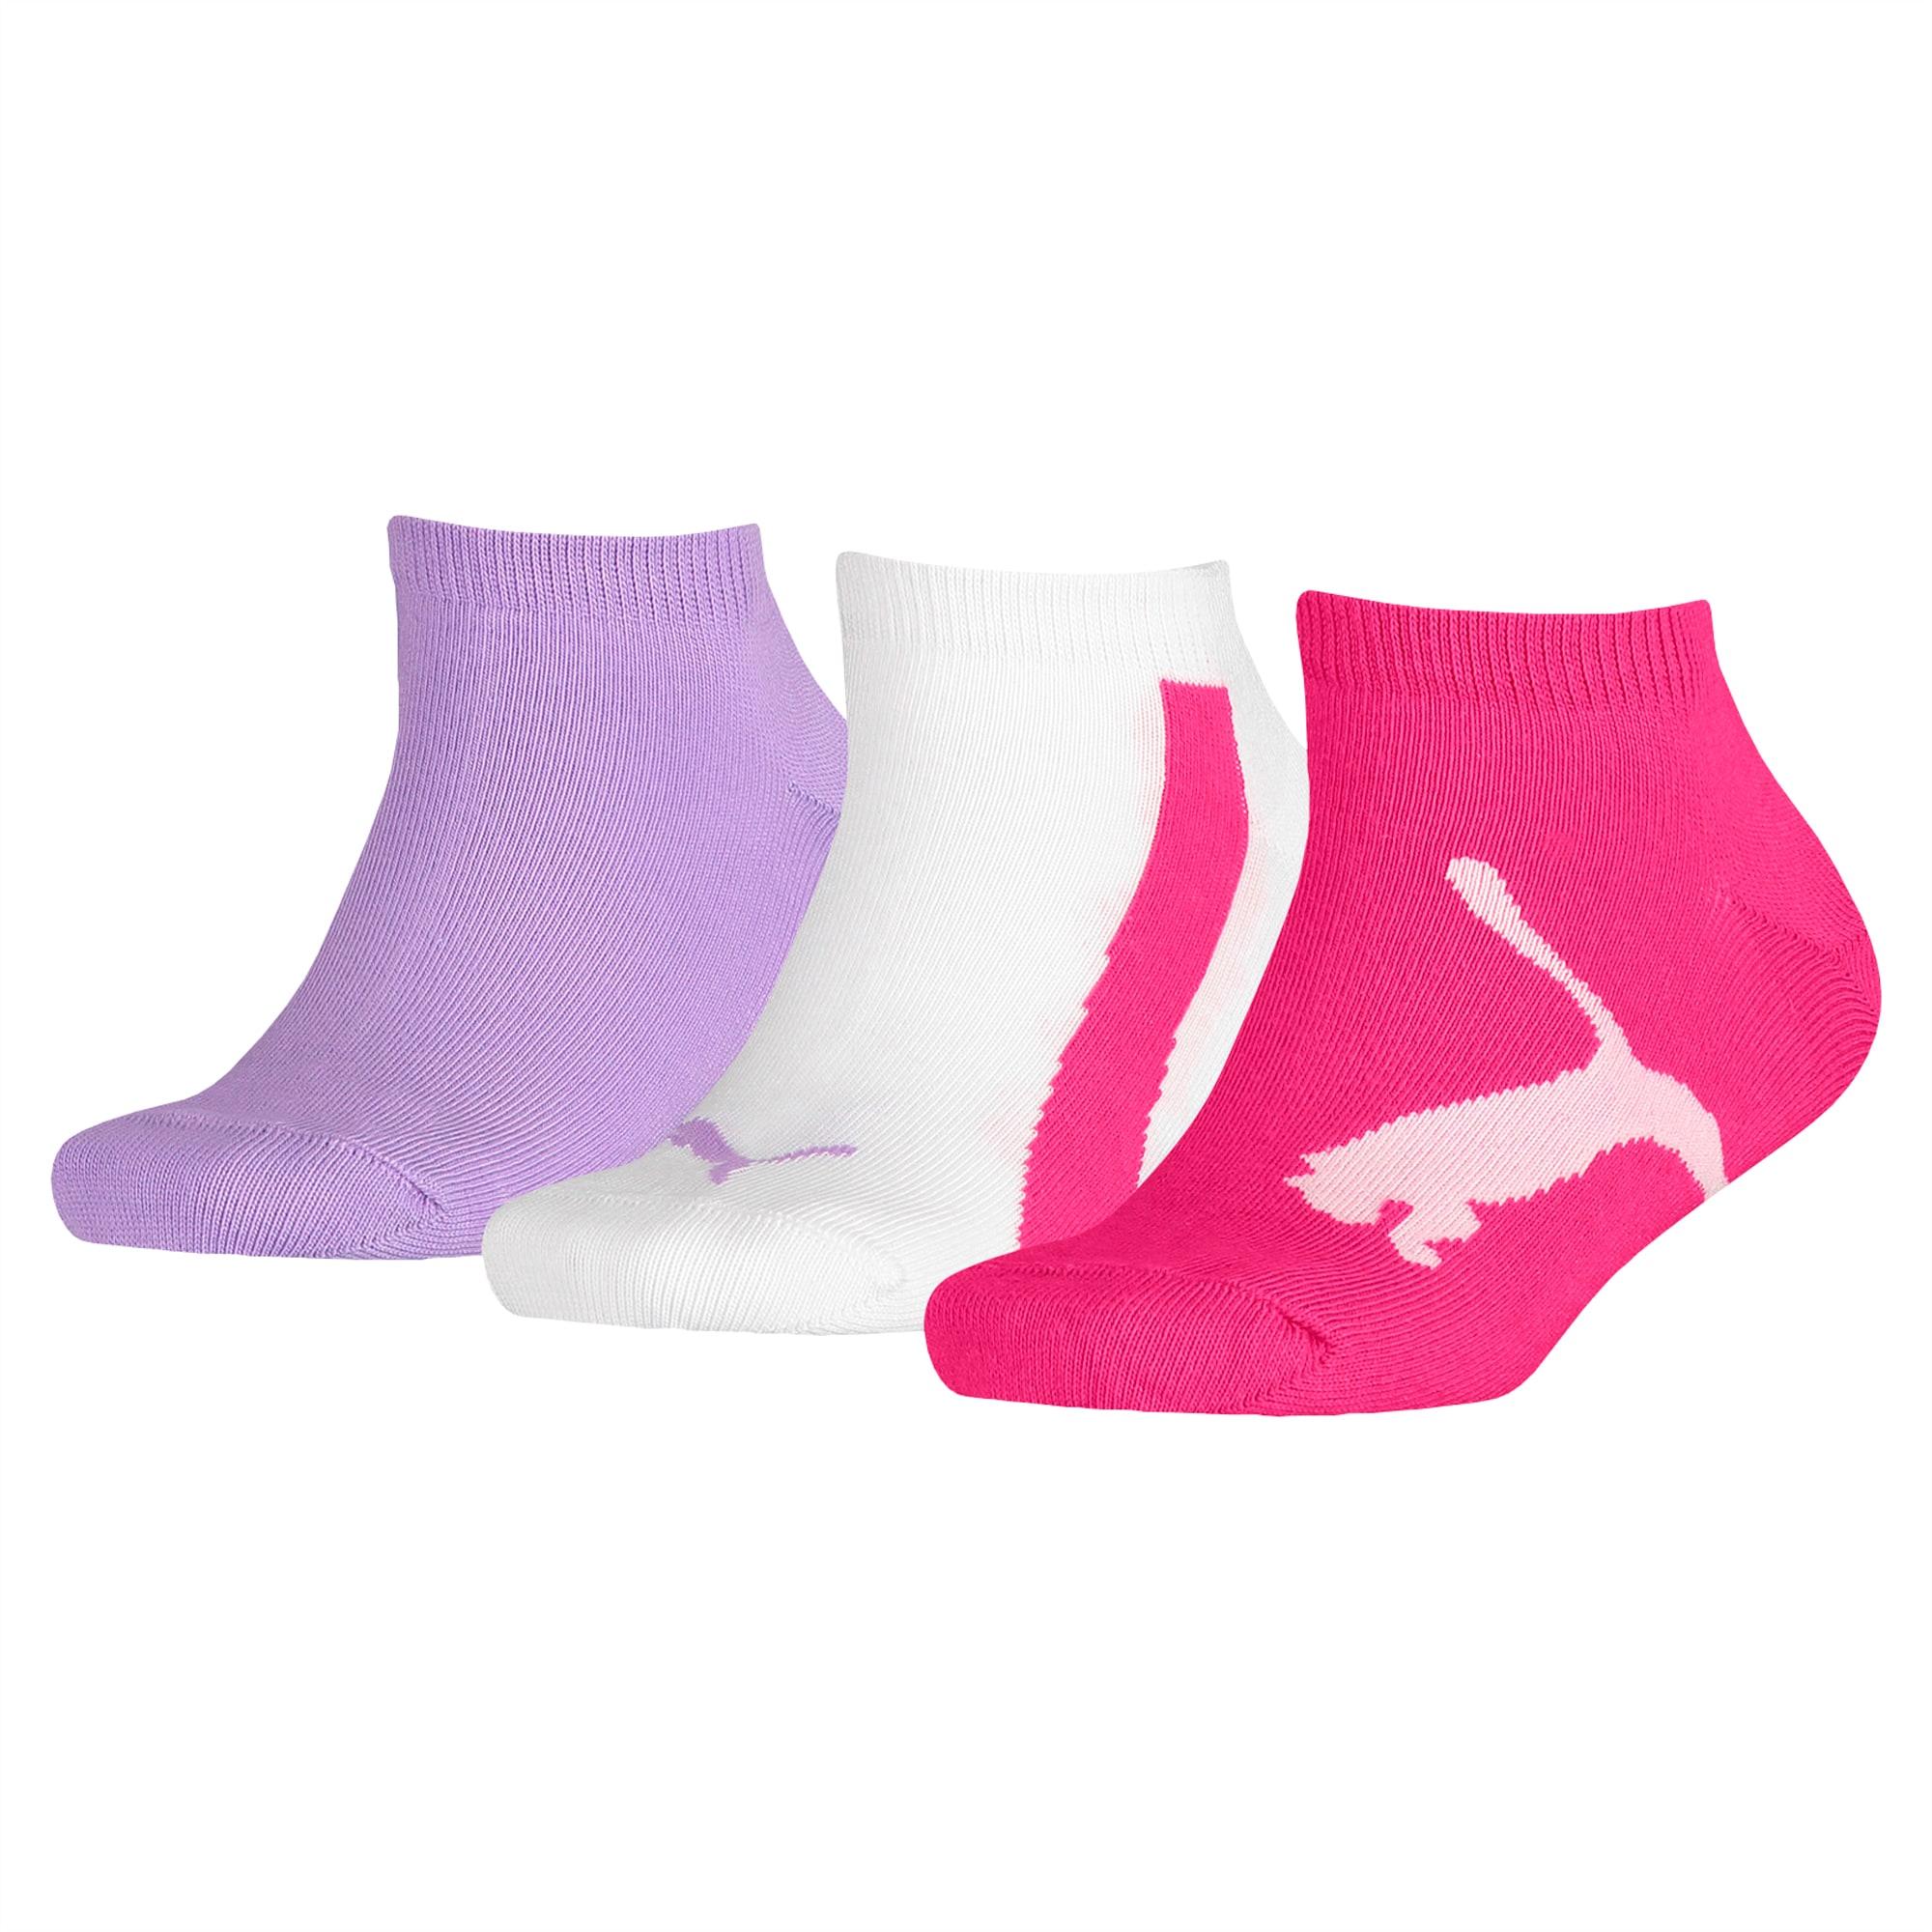 Confezione da 3 paia di calze sportive lifestyle bambino